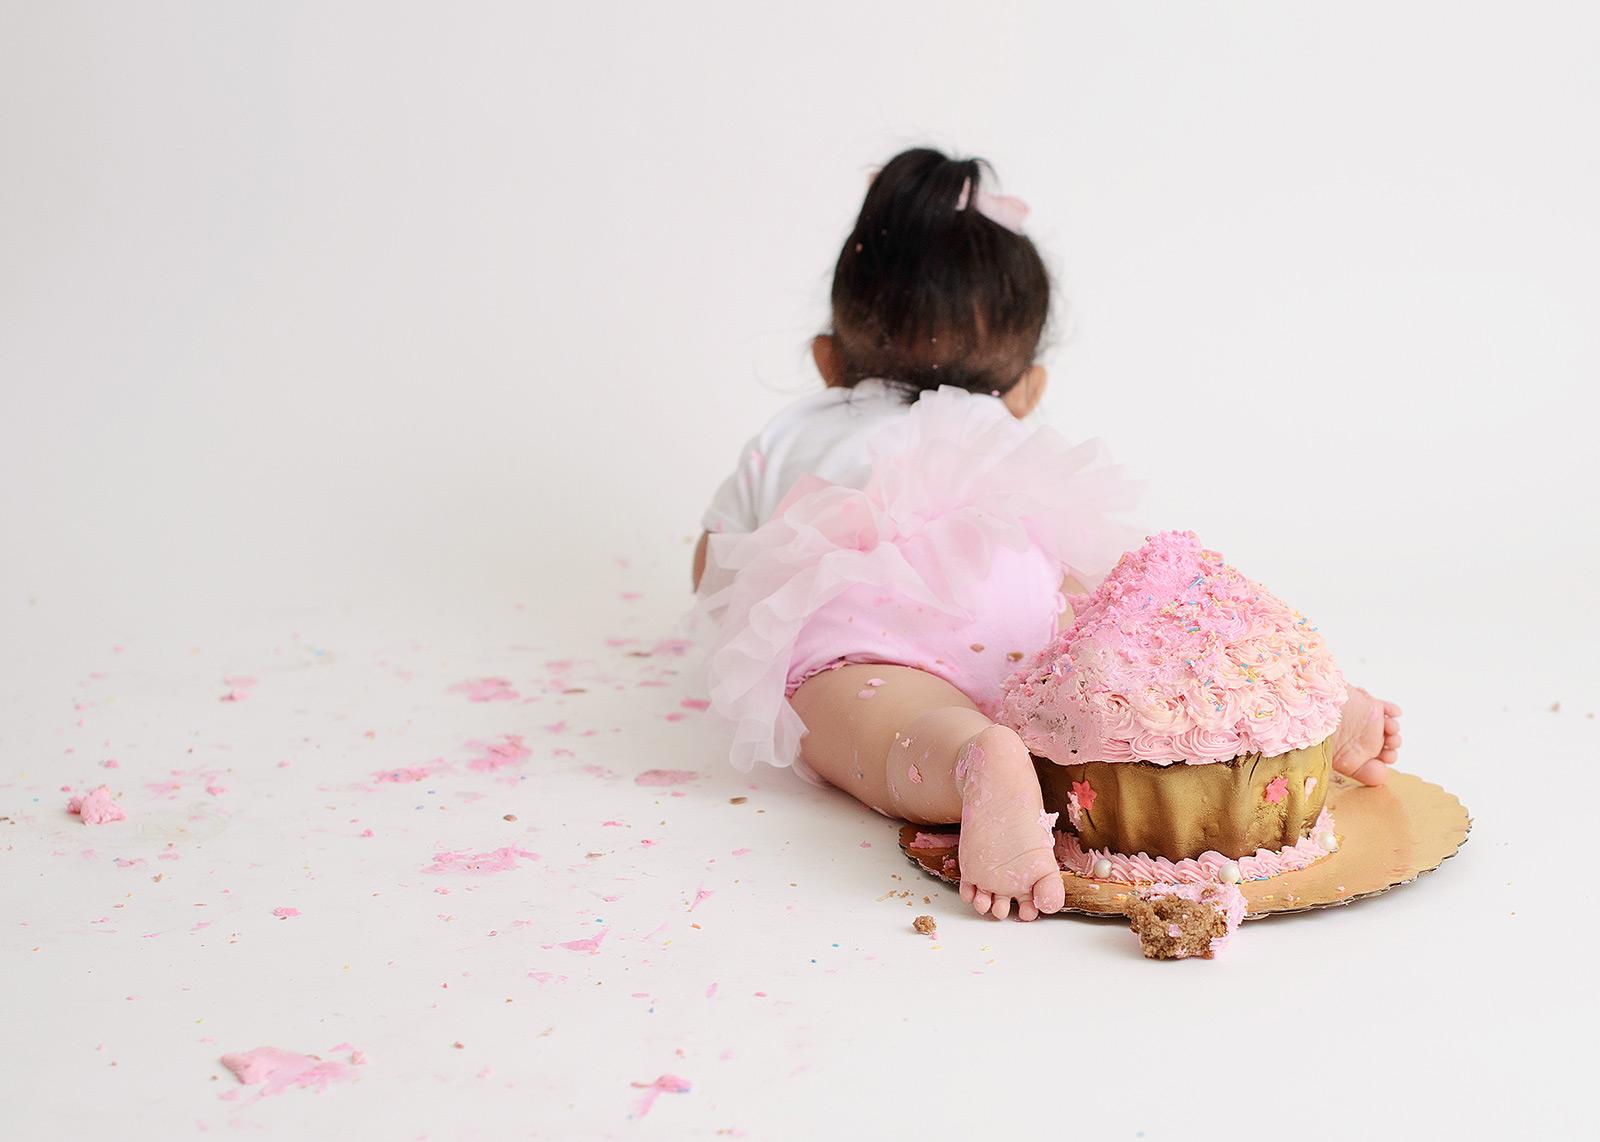 Baby girl in tutu crawling away from pink cake smash